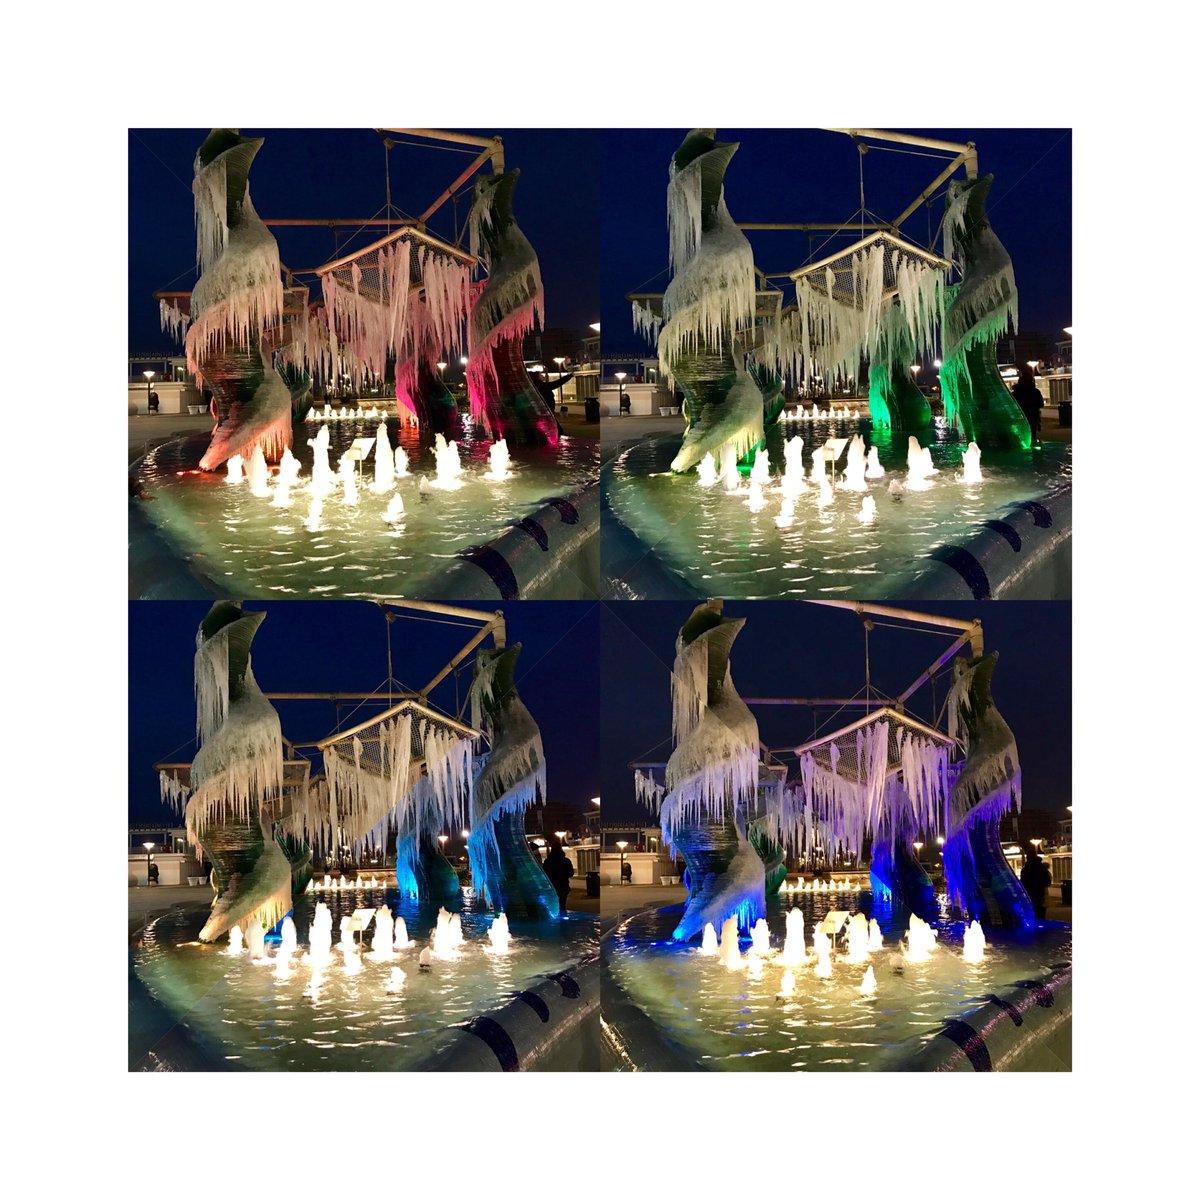 Martina migani on twitter tutti i colori della fontana for Migani arredamenti riccione